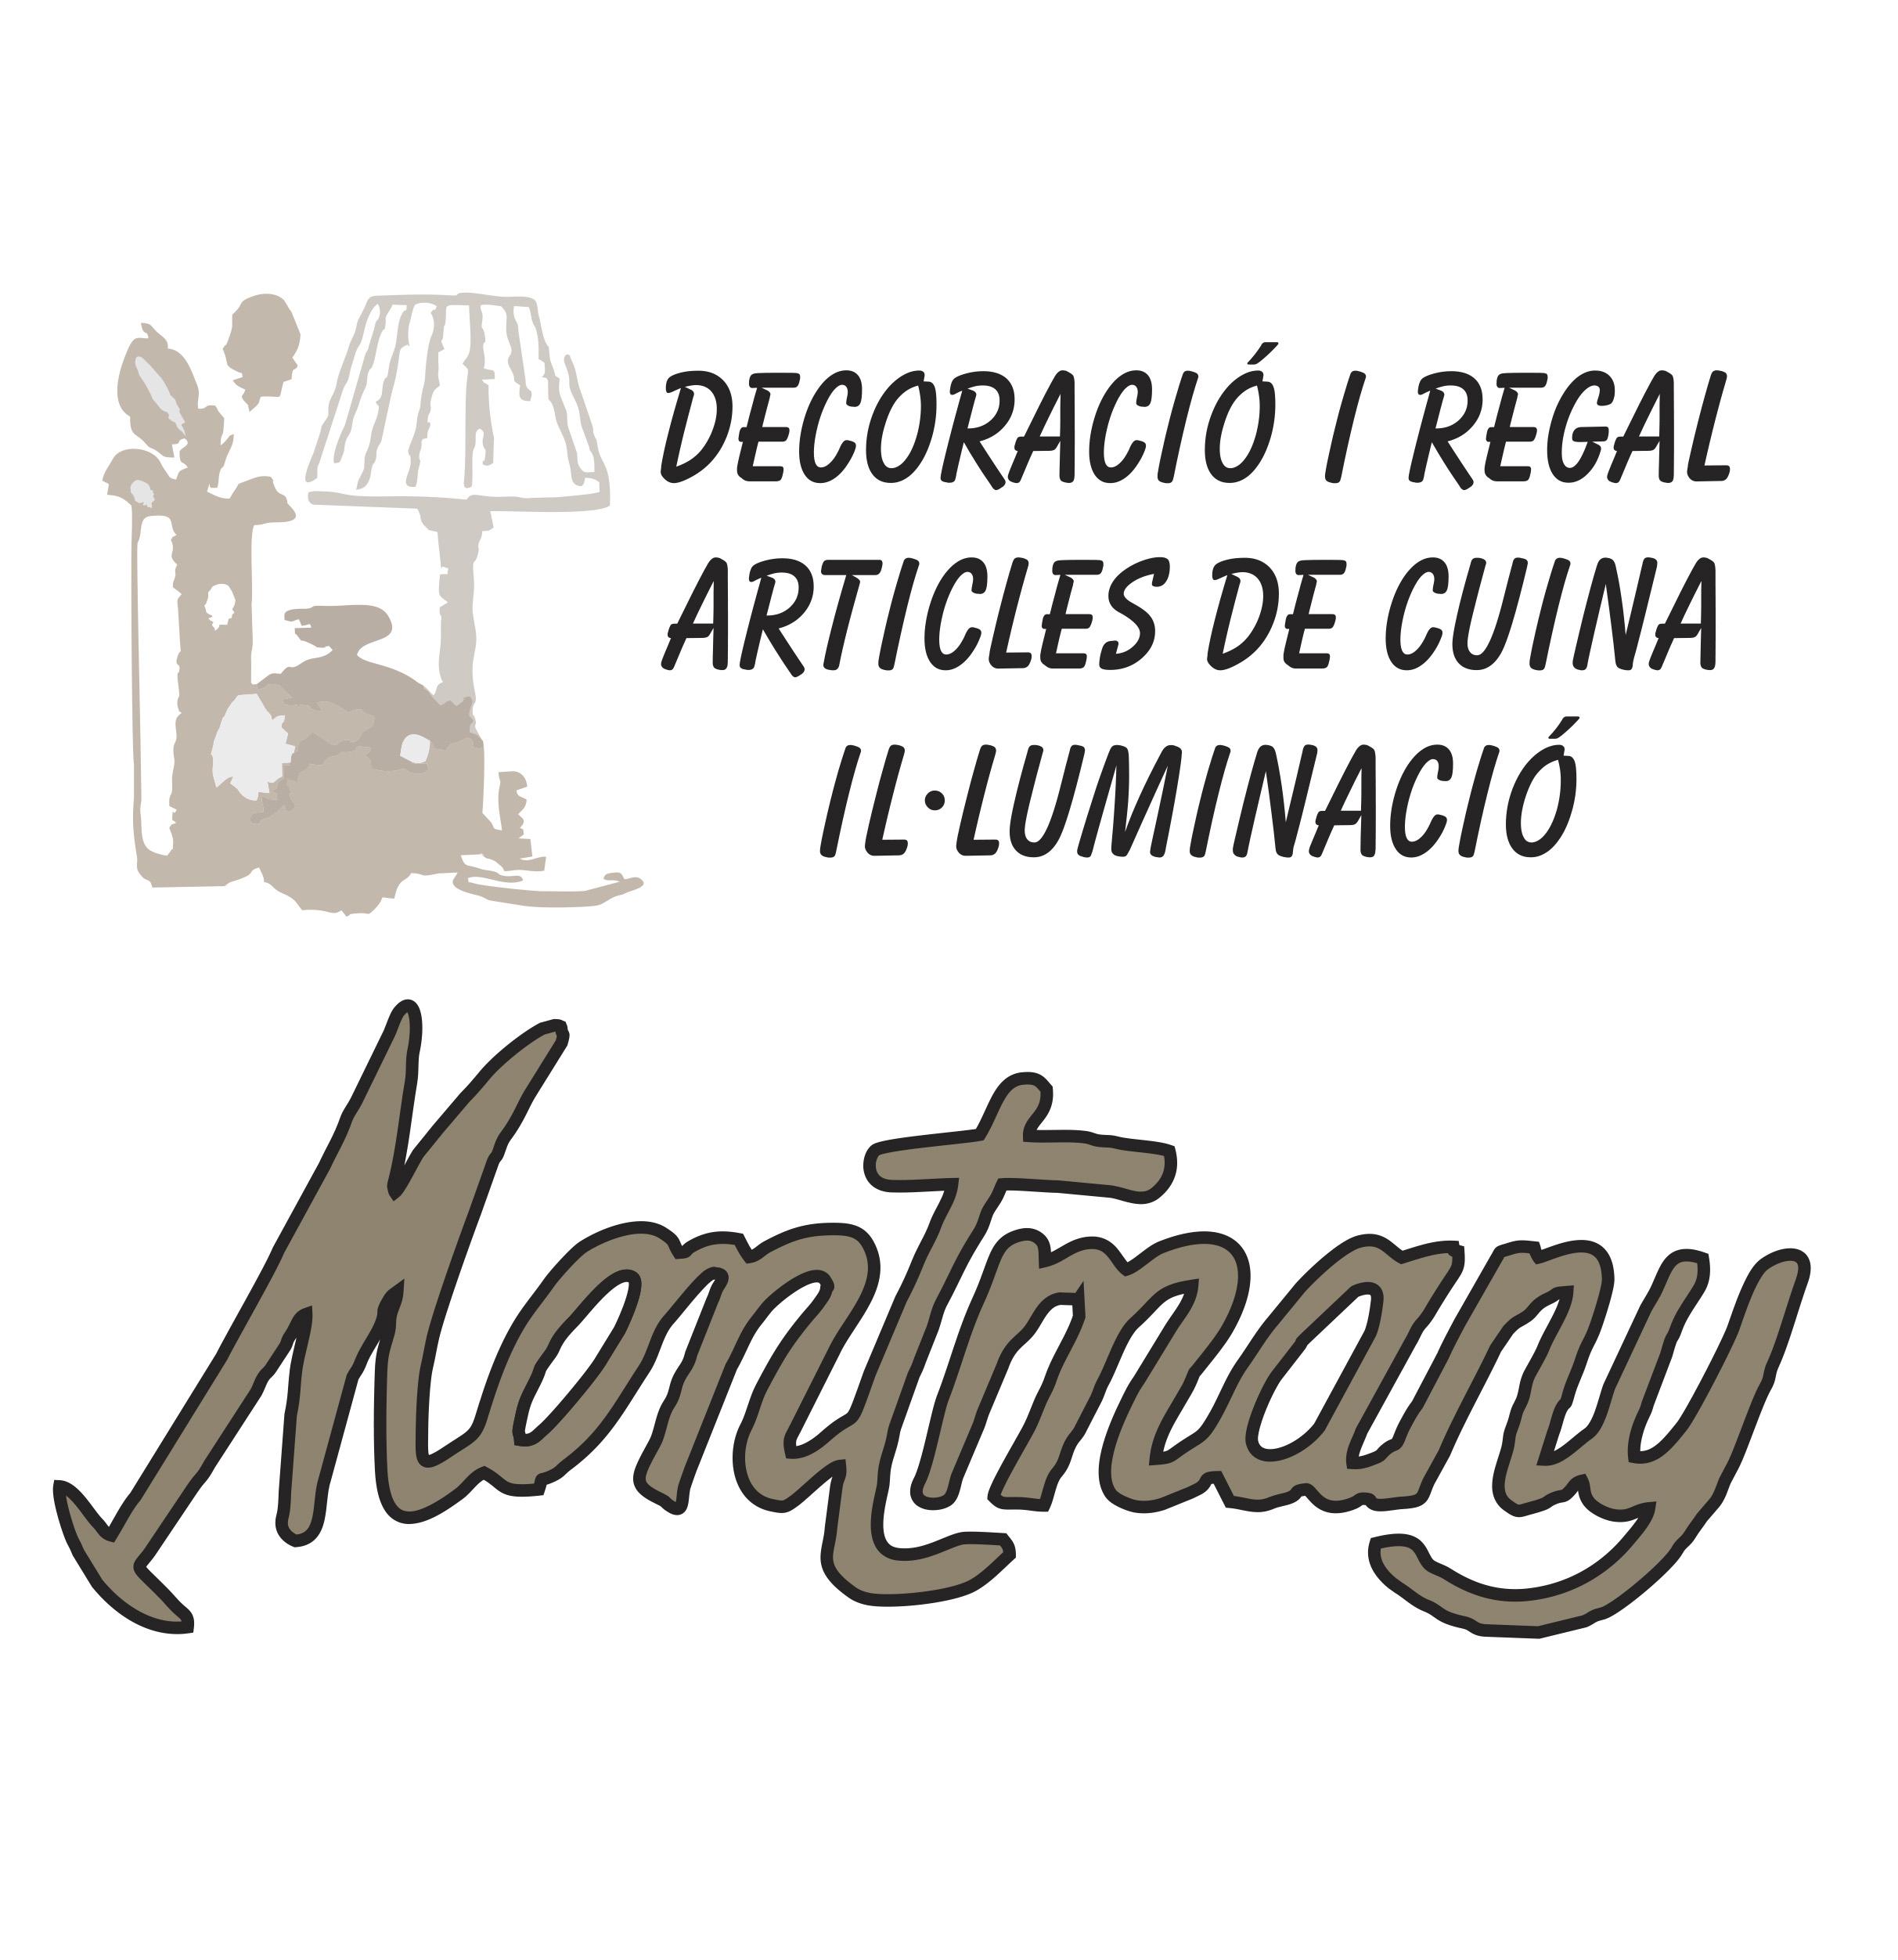 MONTMANY DECORACIÓ